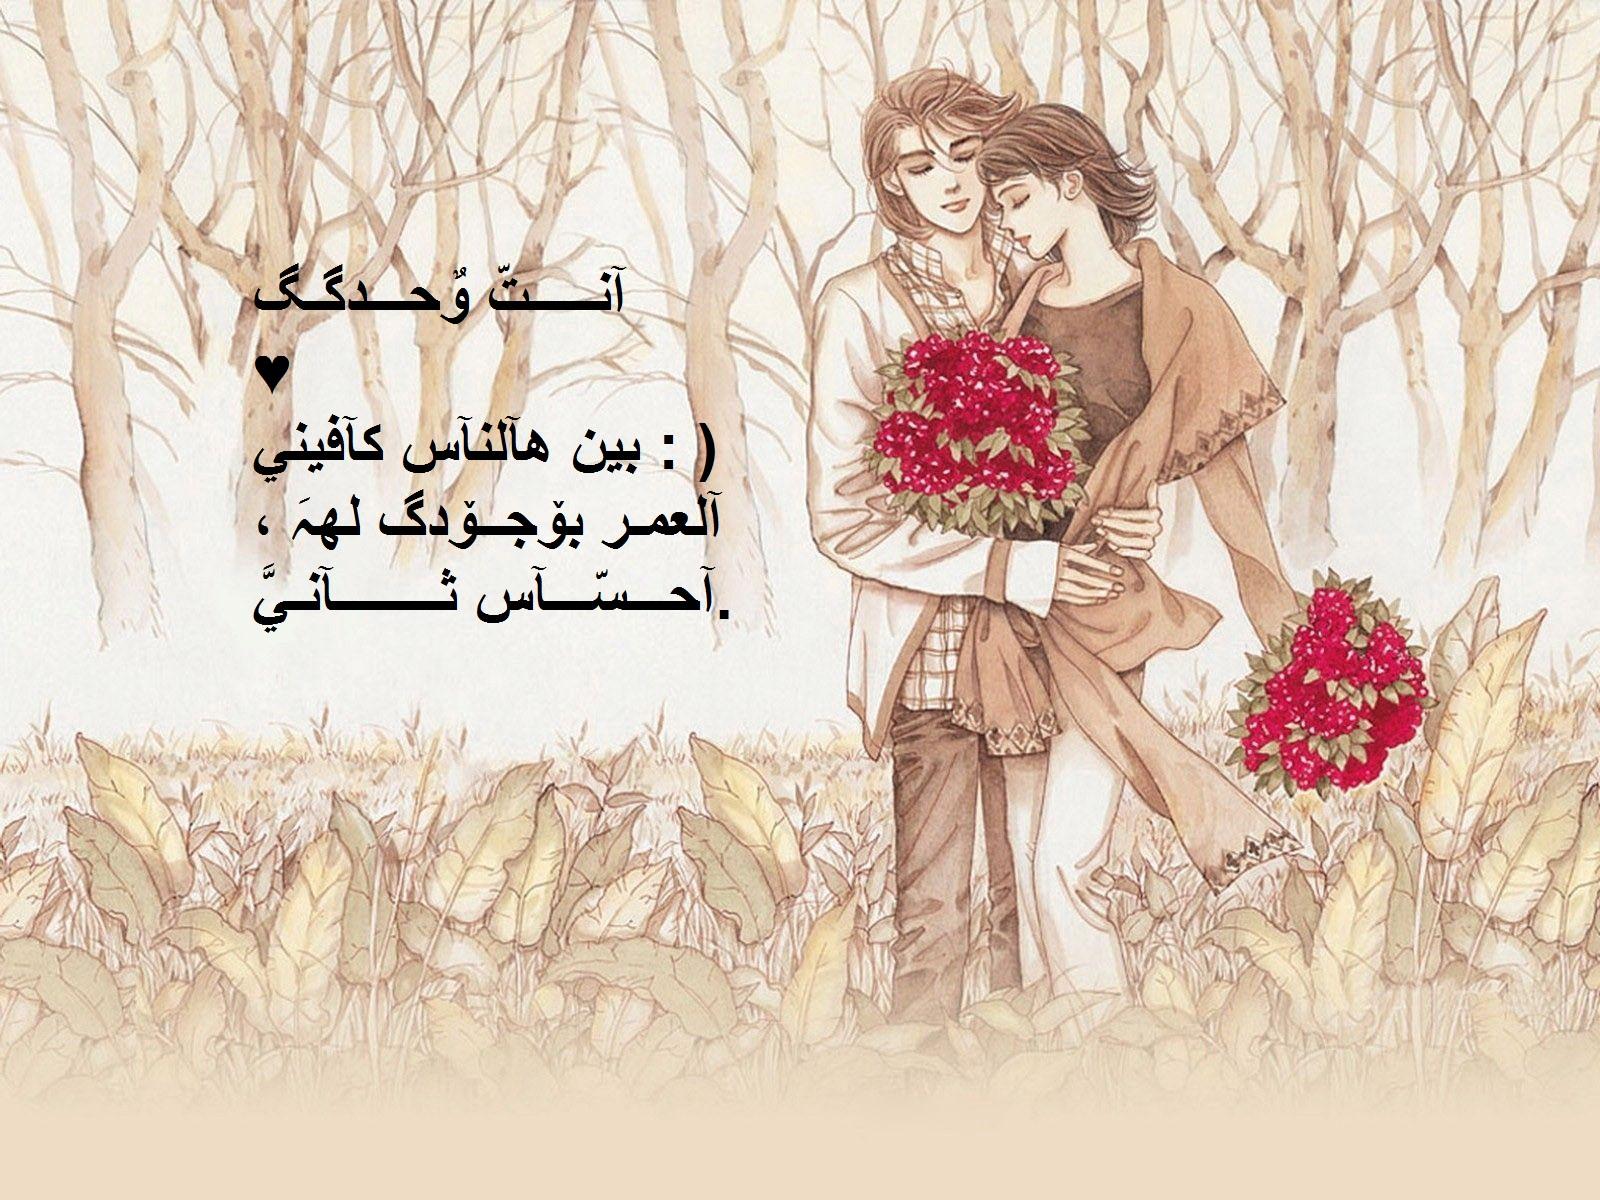 خواطر عشق و غرام.